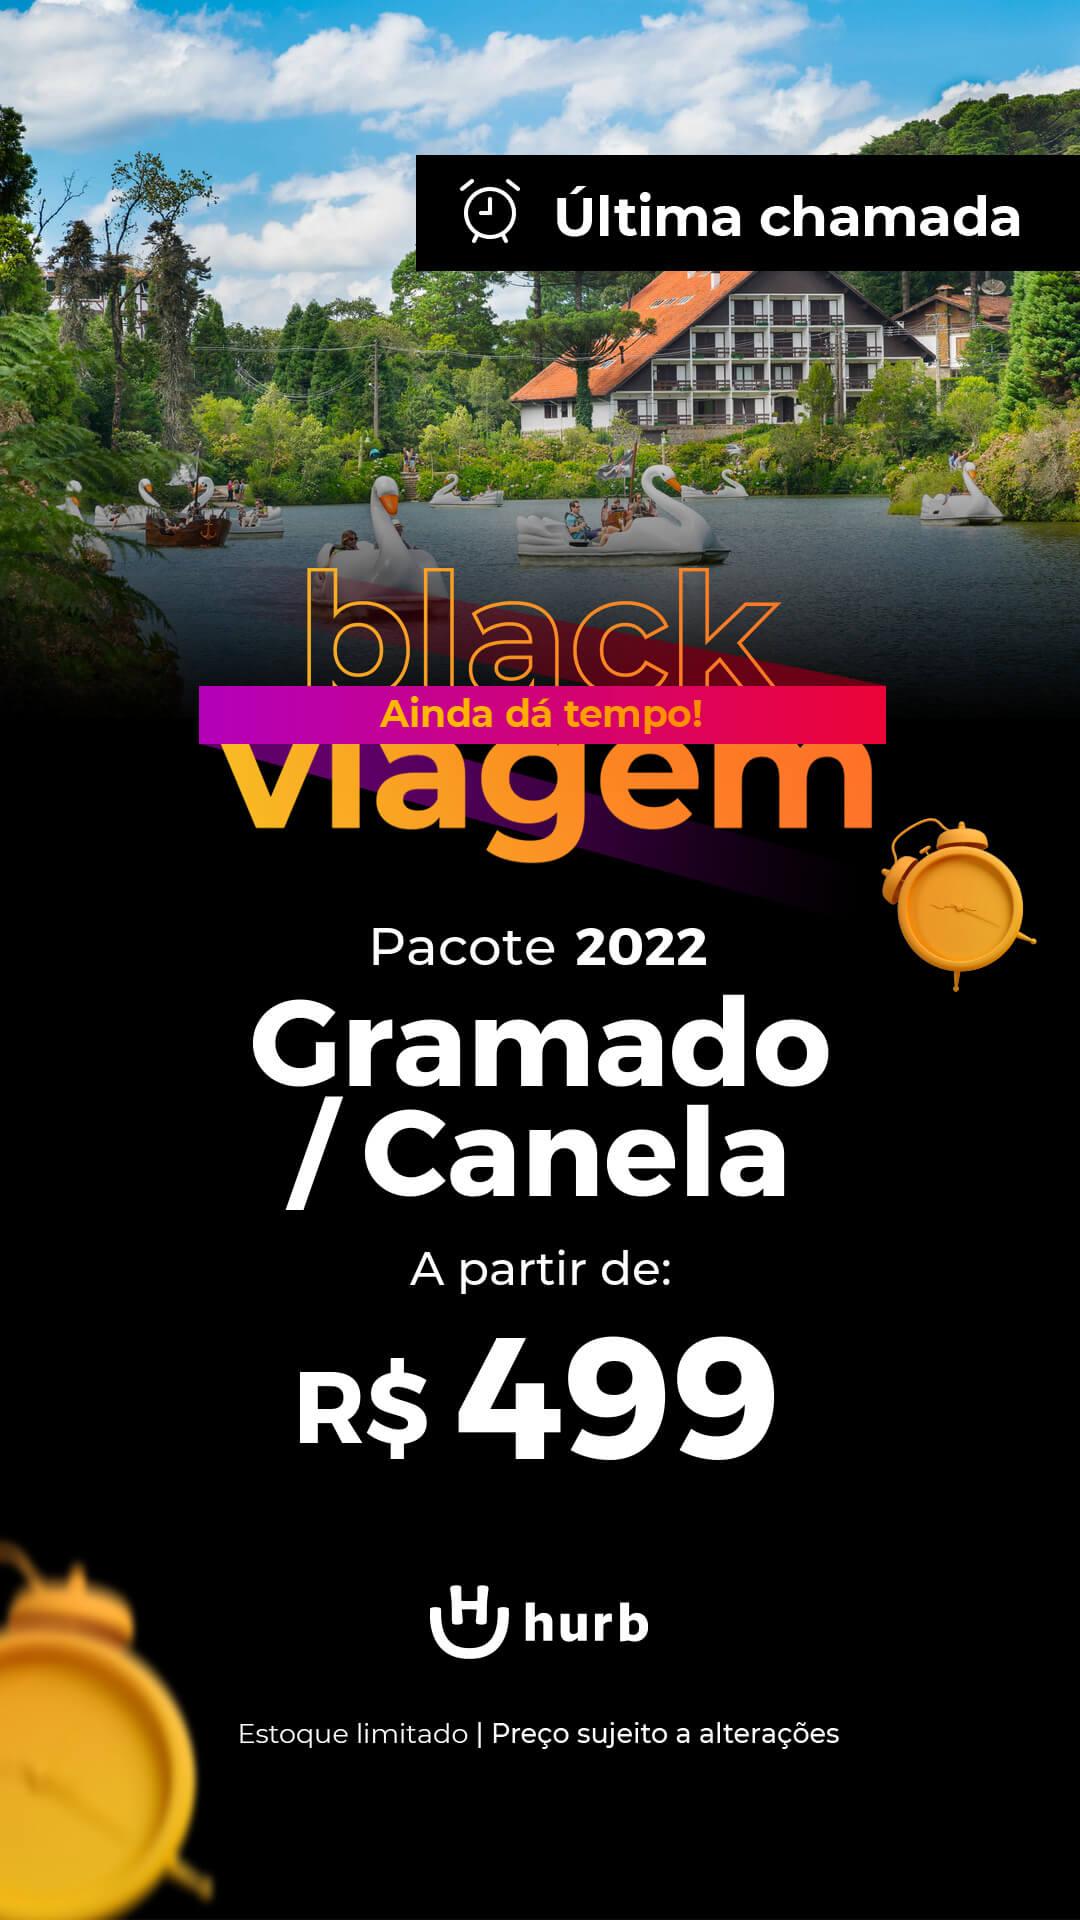 pacote gramadocanela 2022 black viagem